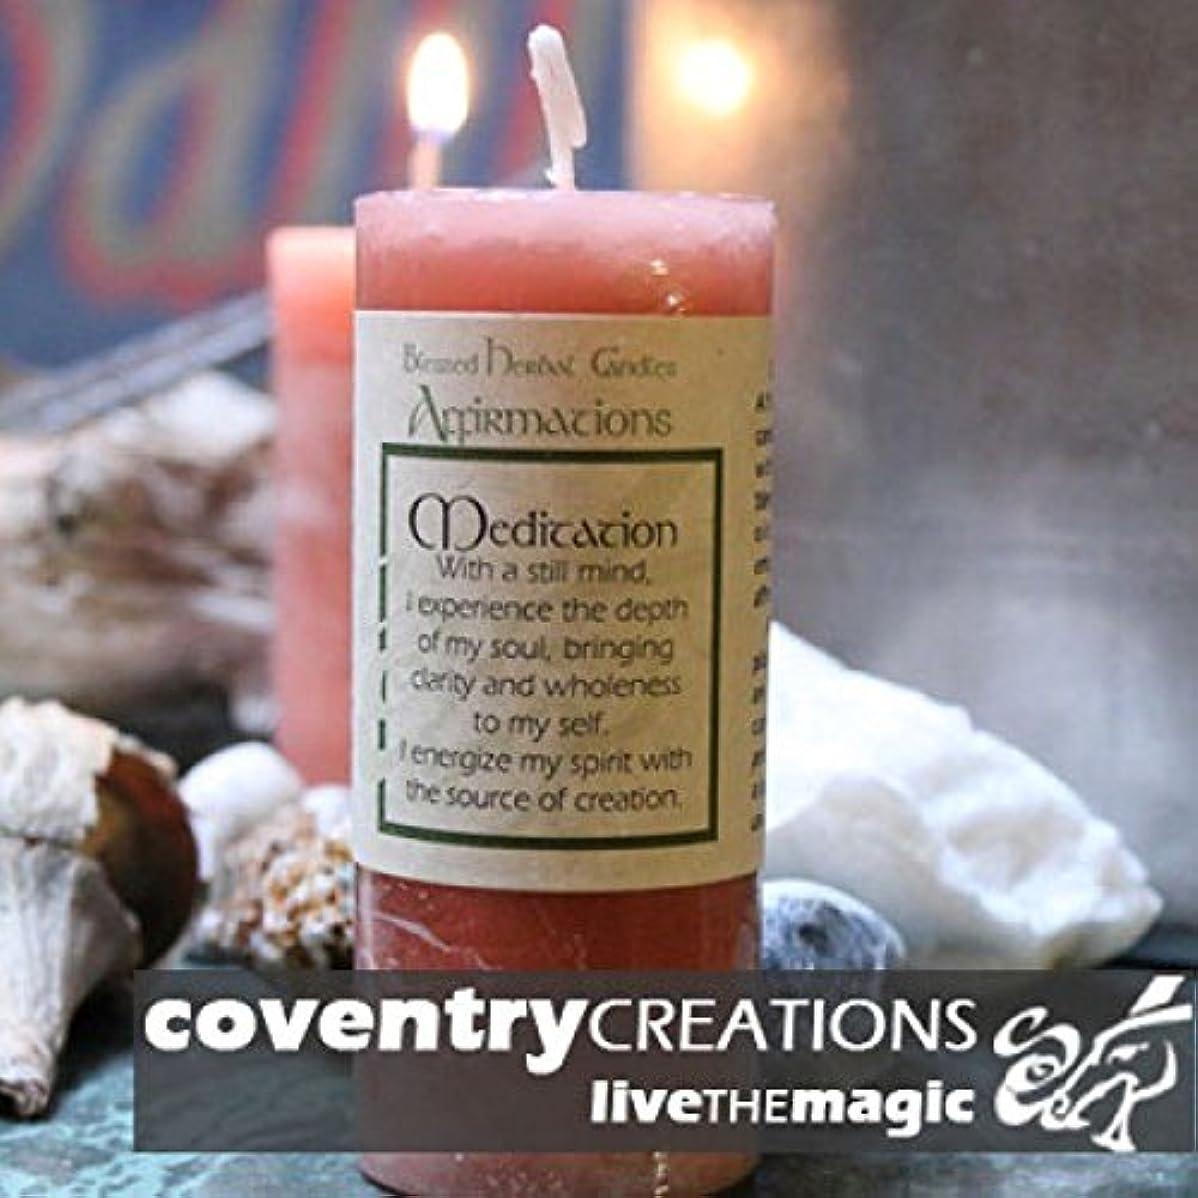 ペイントそっと振る舞いAffirmation - Meditation Candle by Coventry Creations